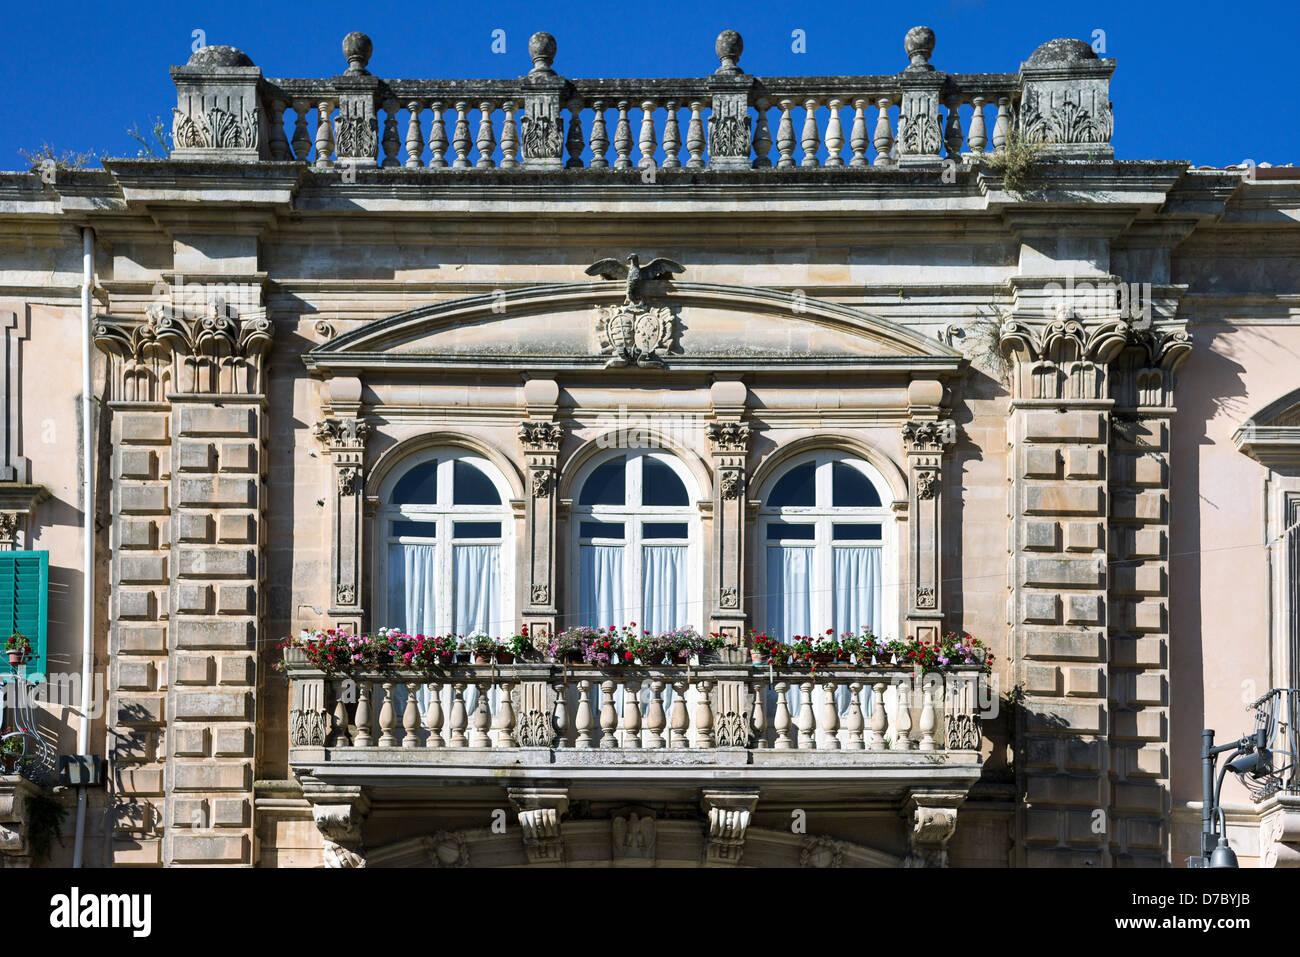 Europa, Italia, Sicilia, Ragusa Ibla,, la Piazza del Duomo, el palacio de Sanfilippo balcón Imagen De Stock